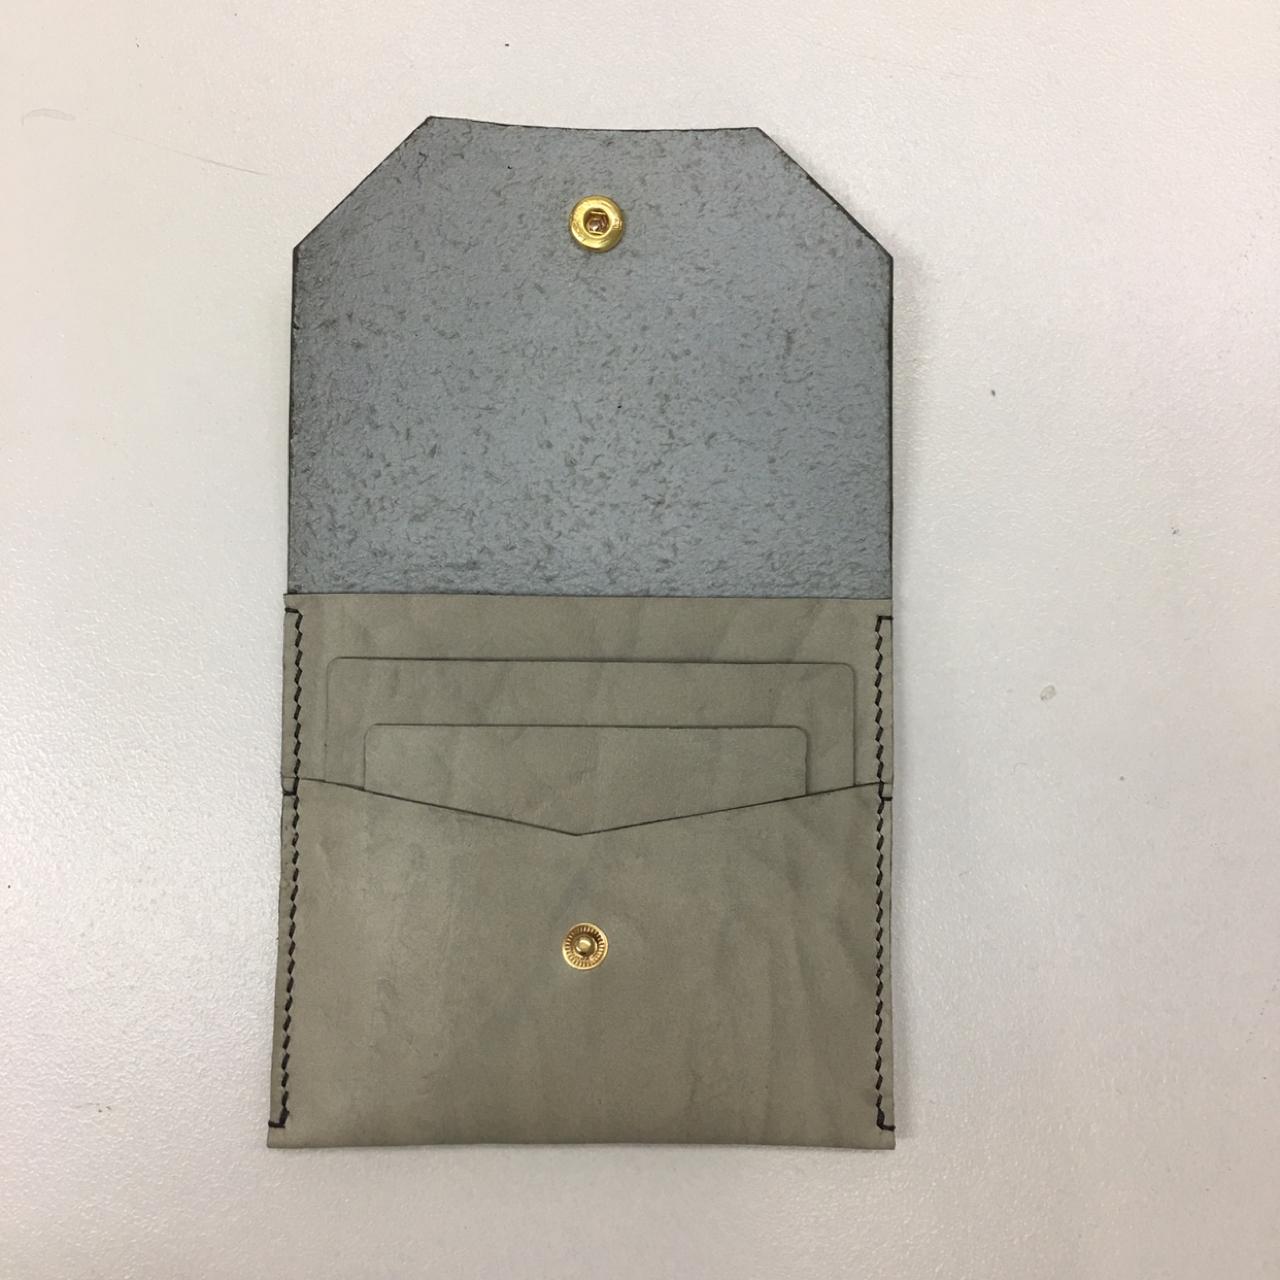 가죽공예 일일체험 수업 : 카드 및 동전 겸용 지갑